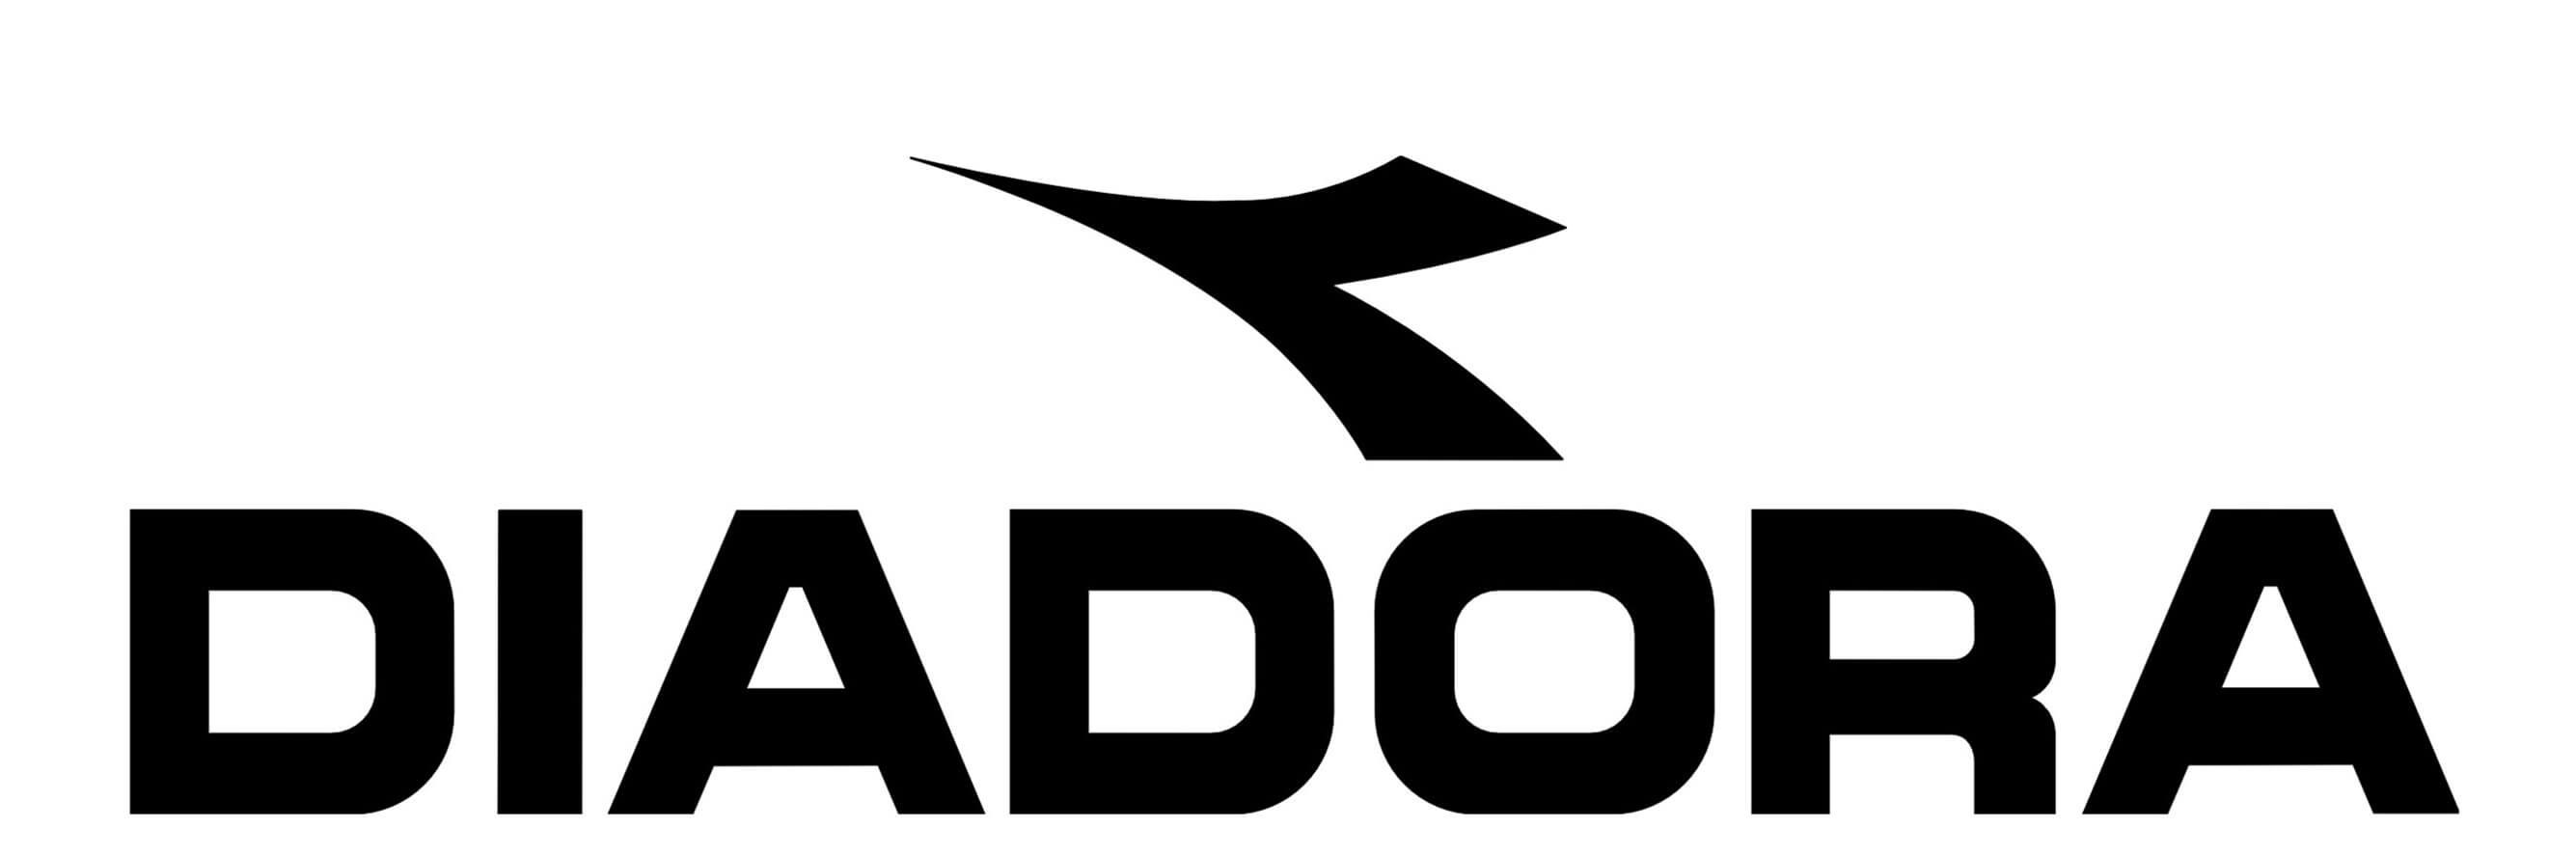 diadora-logo